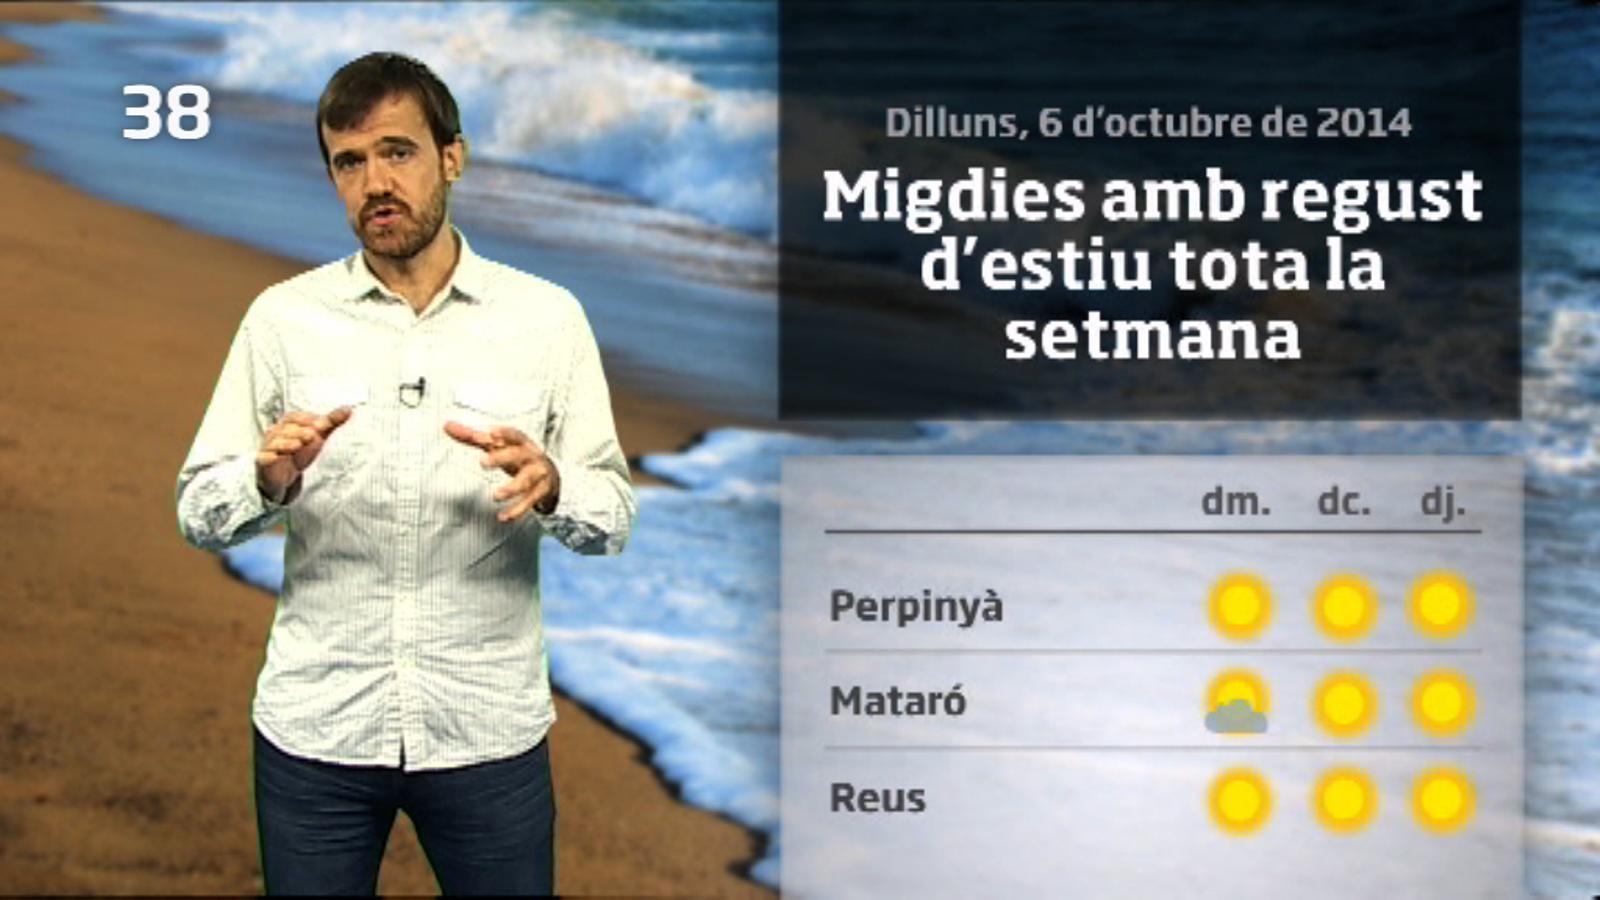 La méteo en 1 minut: més sol i migdies estiuencs (07/10/14)